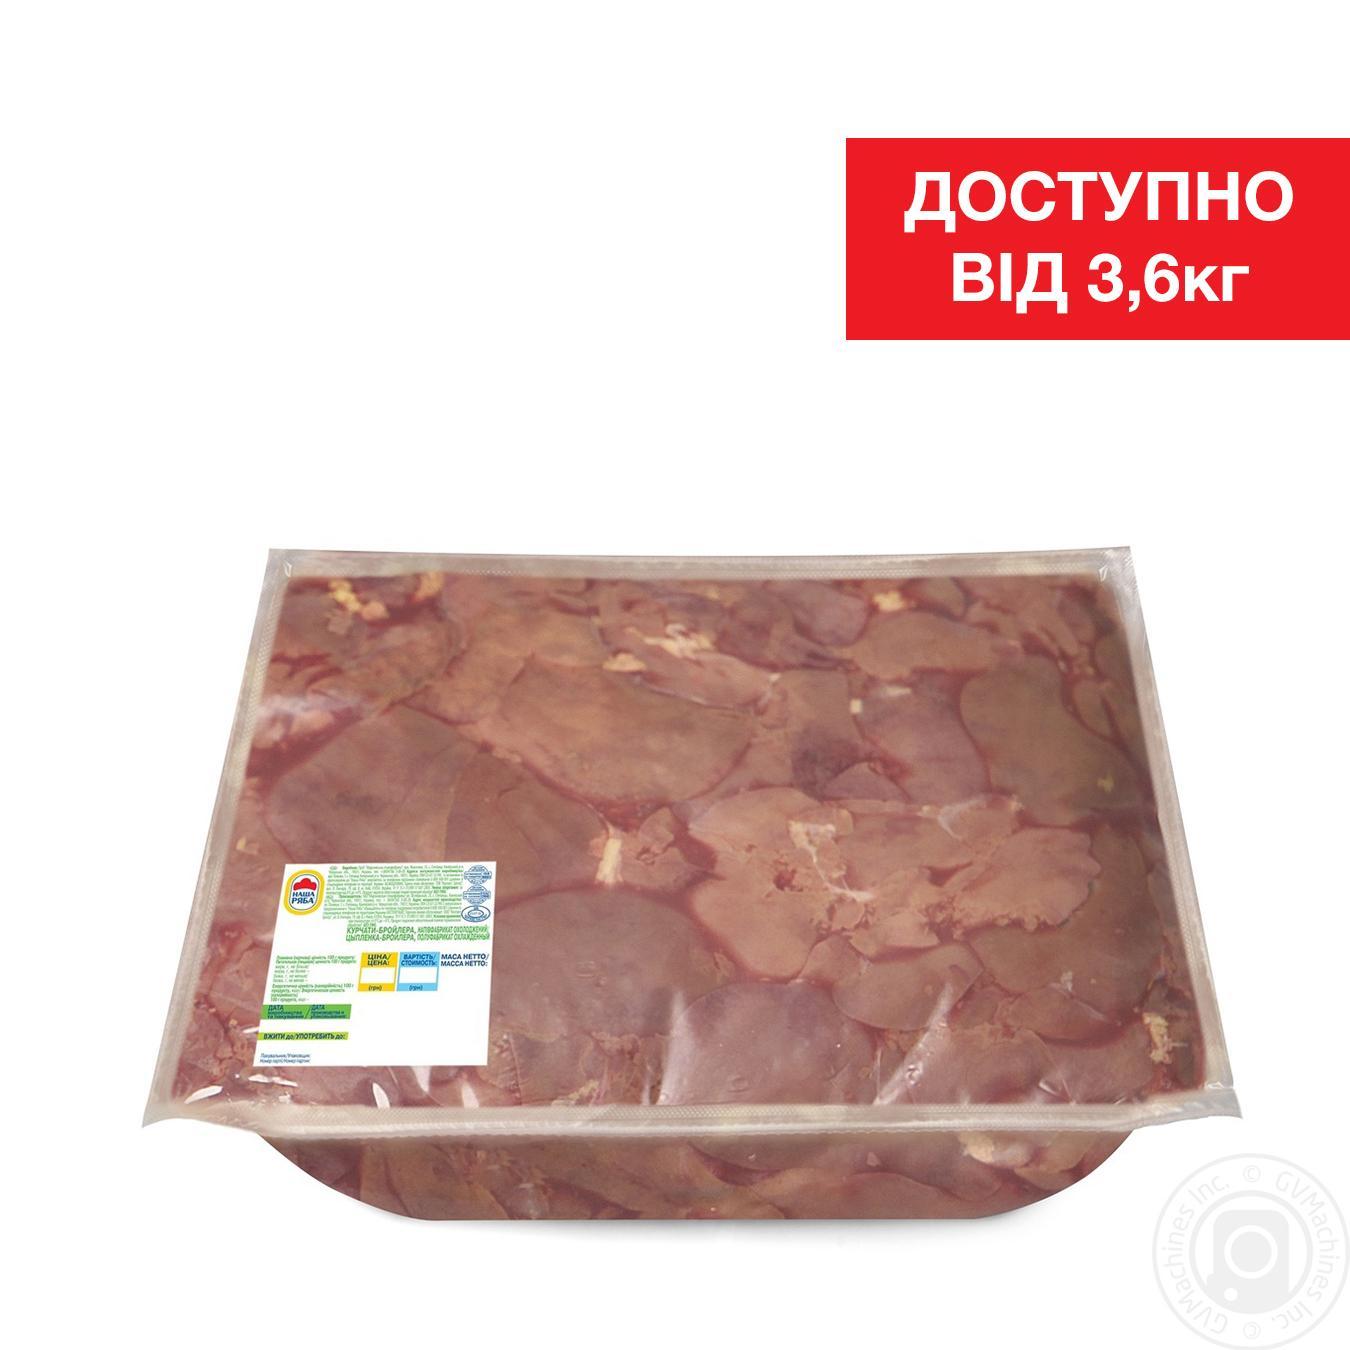 Купить Печінка Наша Ряба курчати-бройлера охолоджена (від 3, 6кг вакуумна упаковка)